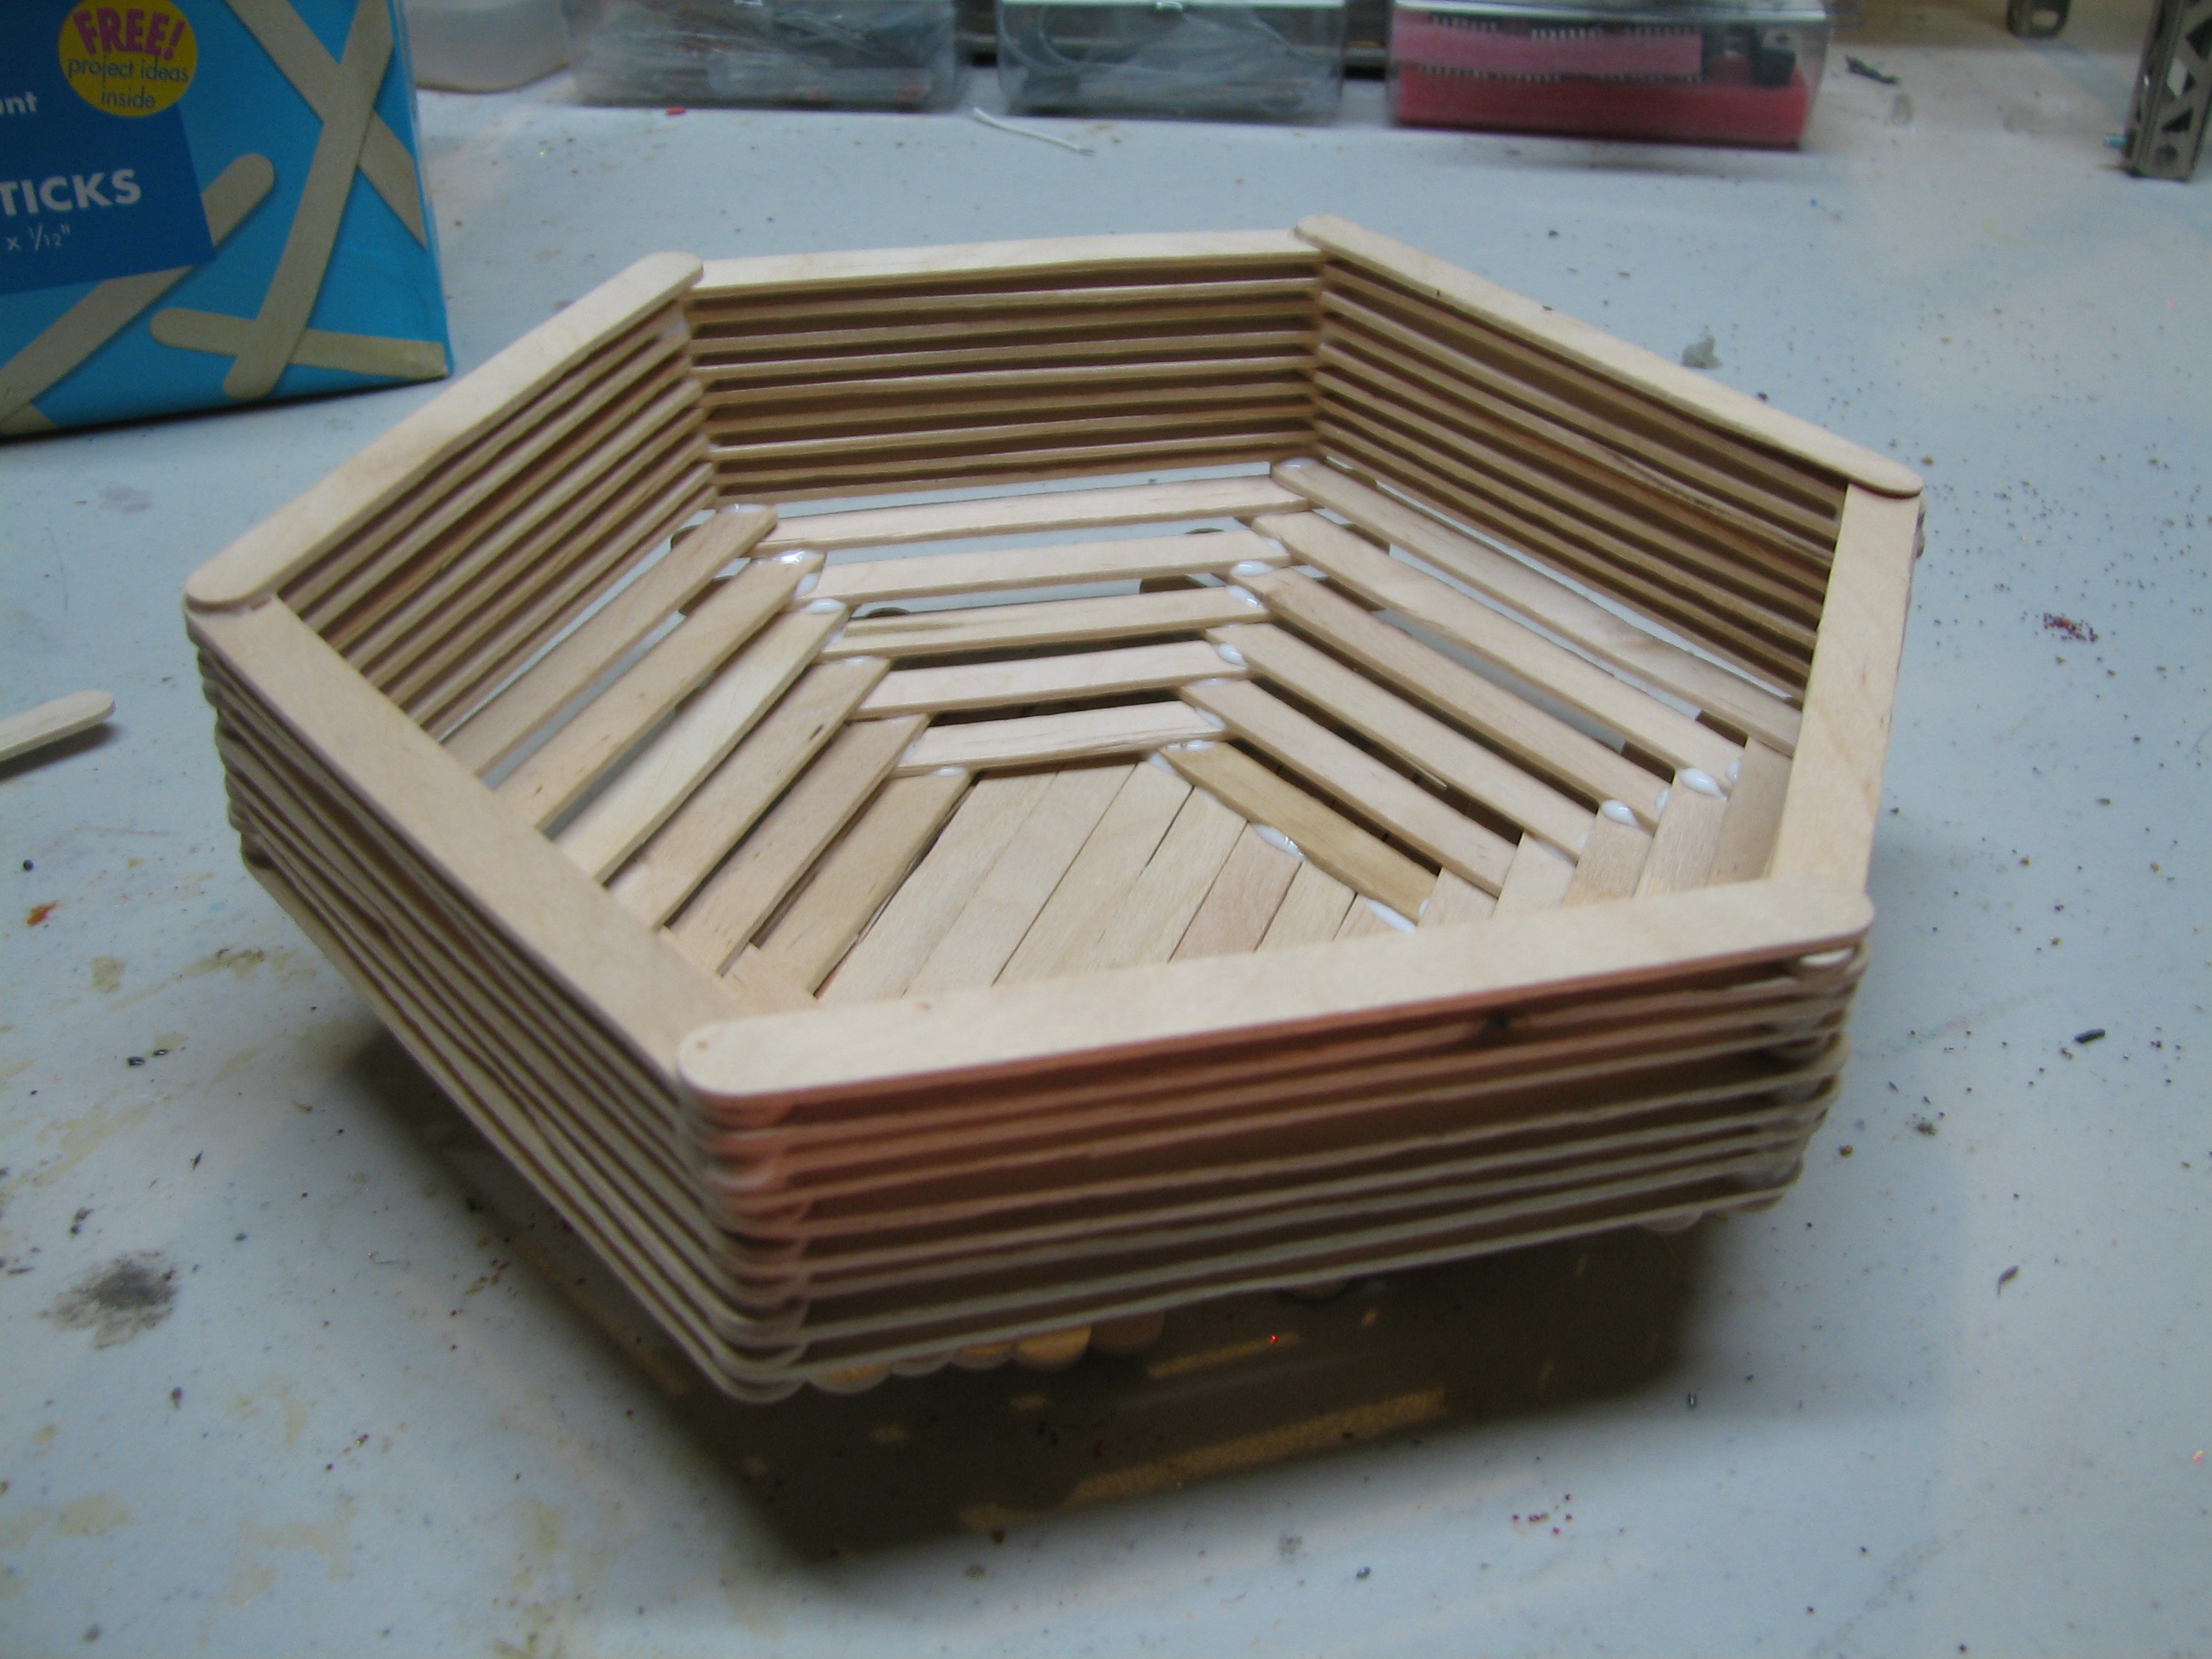 Popsicle Stick Basket